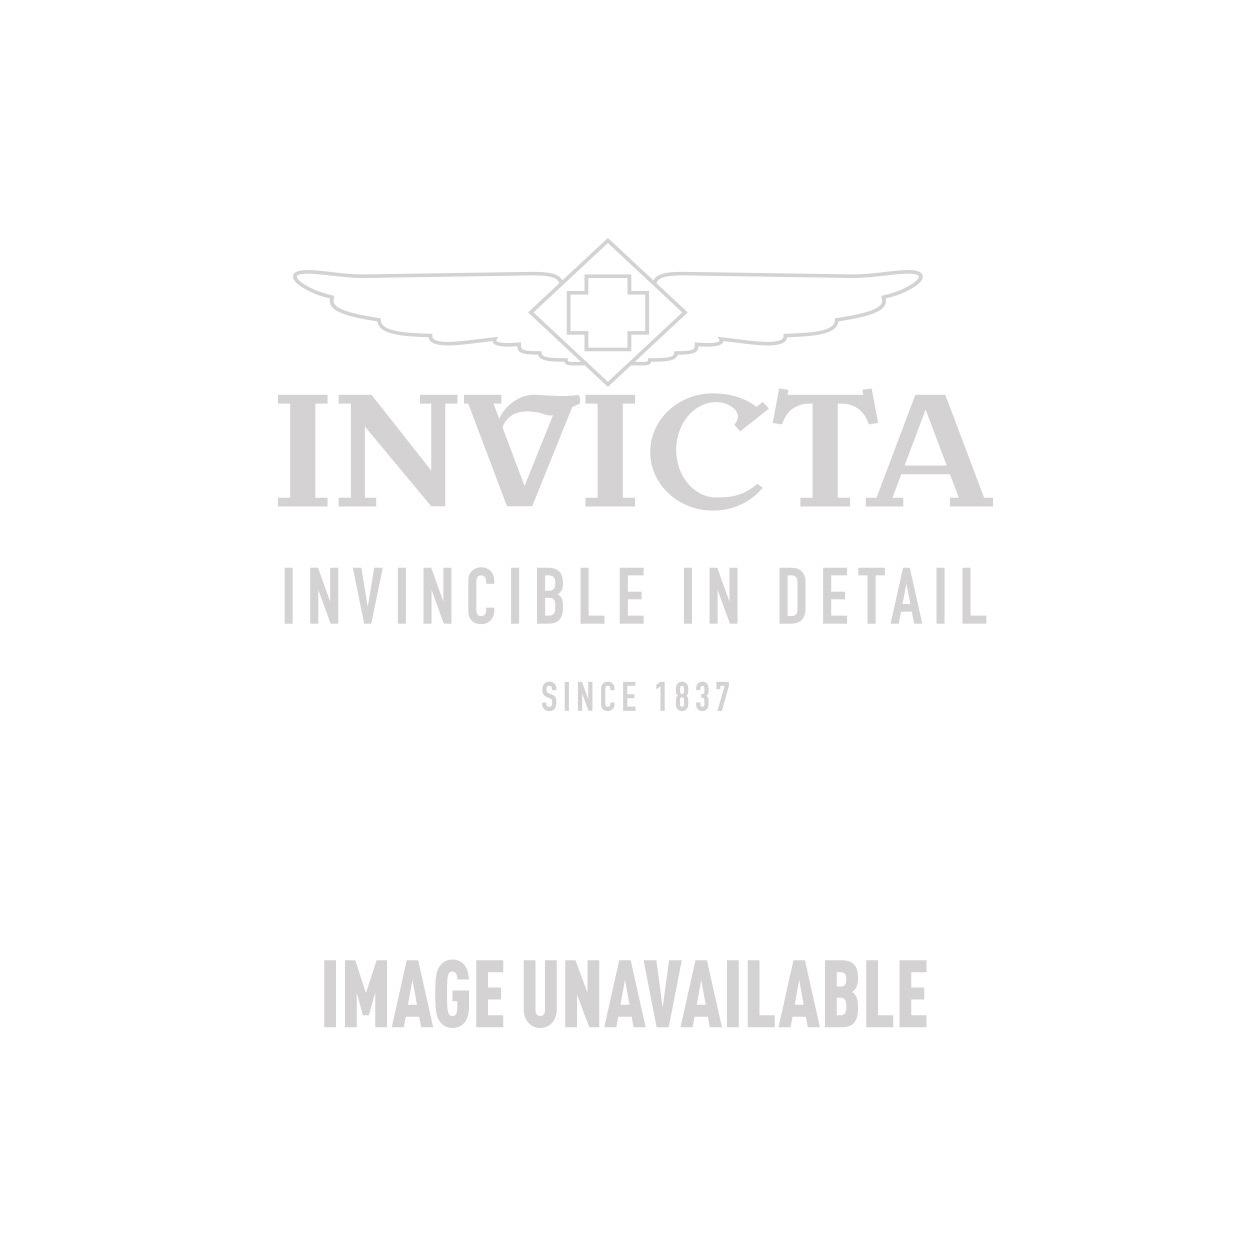 Invicta Reserve  Quartz Watch - Gunmetal case with Black tone Silicone band - Model 1731